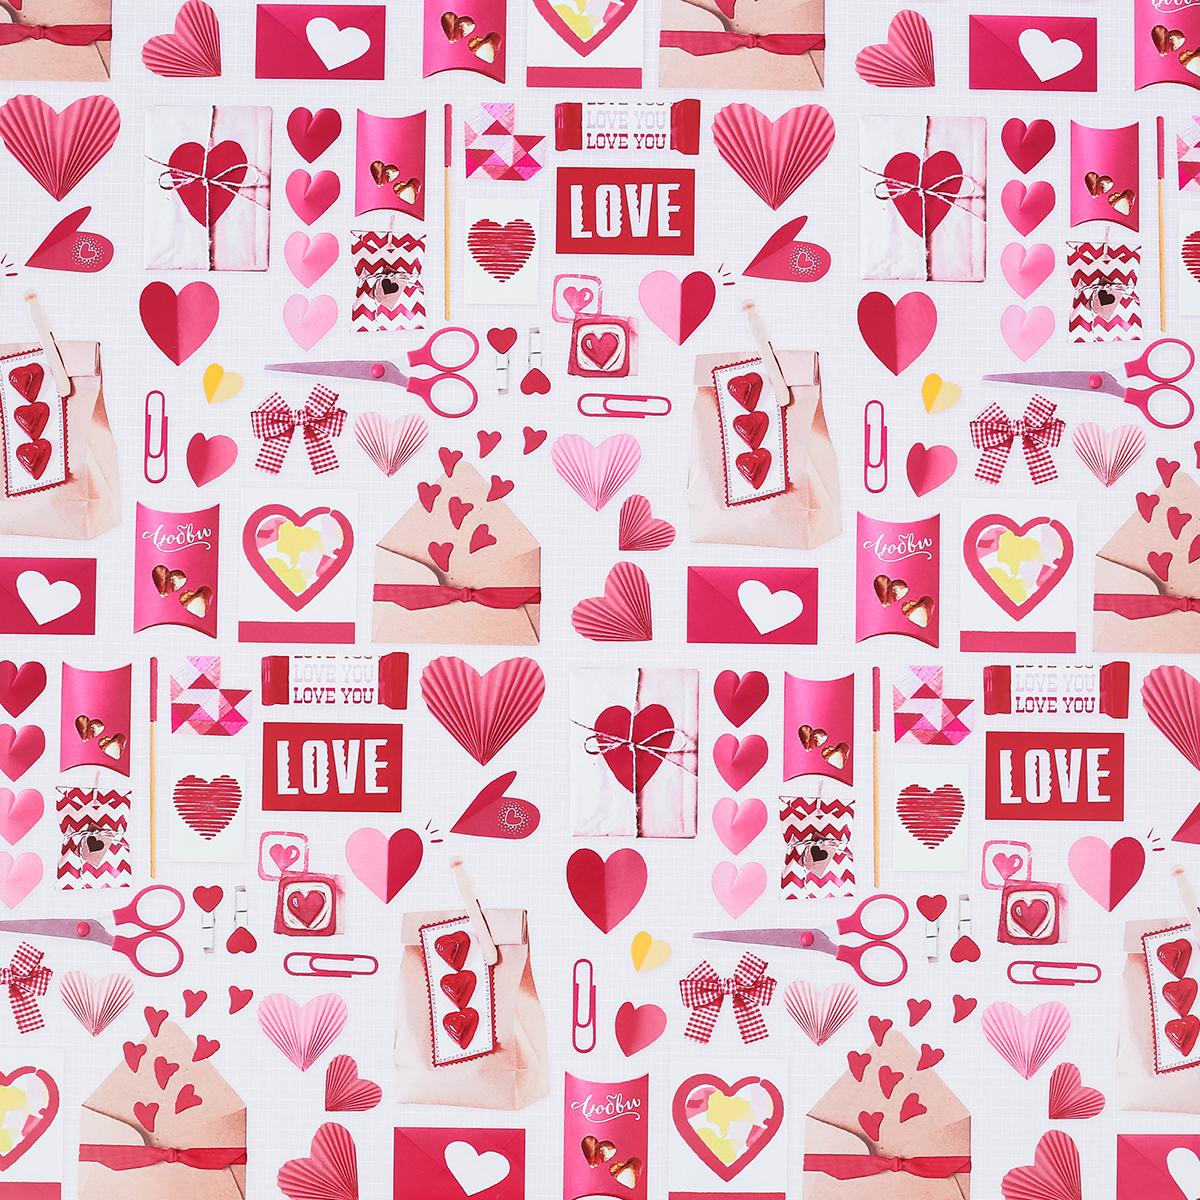 Бумага упаковочная Дарите счастье Розовые конверты, глянцевая, 70 х 100 см. 28620832862083Любой подарок начинается с упаковки. Что может быть трогательнее и волшебнее, чем ритуал разворачивания полученного презента. И именно оригинальная, со вкусом выбранная упаковка выделит ваш подарок из массы других. Она продемонстрирует самые тёплые чувства к виновнику торжества и создаст сказочную атмосферу праздника. Бумага упаковочная глянцевая Розовые конверты 70 х100 см — это то, что вы искали. Невозможно представить нашу жизнь без праздников! Мы всегда ждём их и предвкушаем, обдумываем, как проведём памятный день, тщательно выбираем подарки и аксессуары, ведь именно они создают и поддерживают торжественный настрой. Бумага упаковочная глянцевая Розовые конверты 70 х100 см — это отличный выбор, который привнесёт атмосферу праздника в ваш дом!